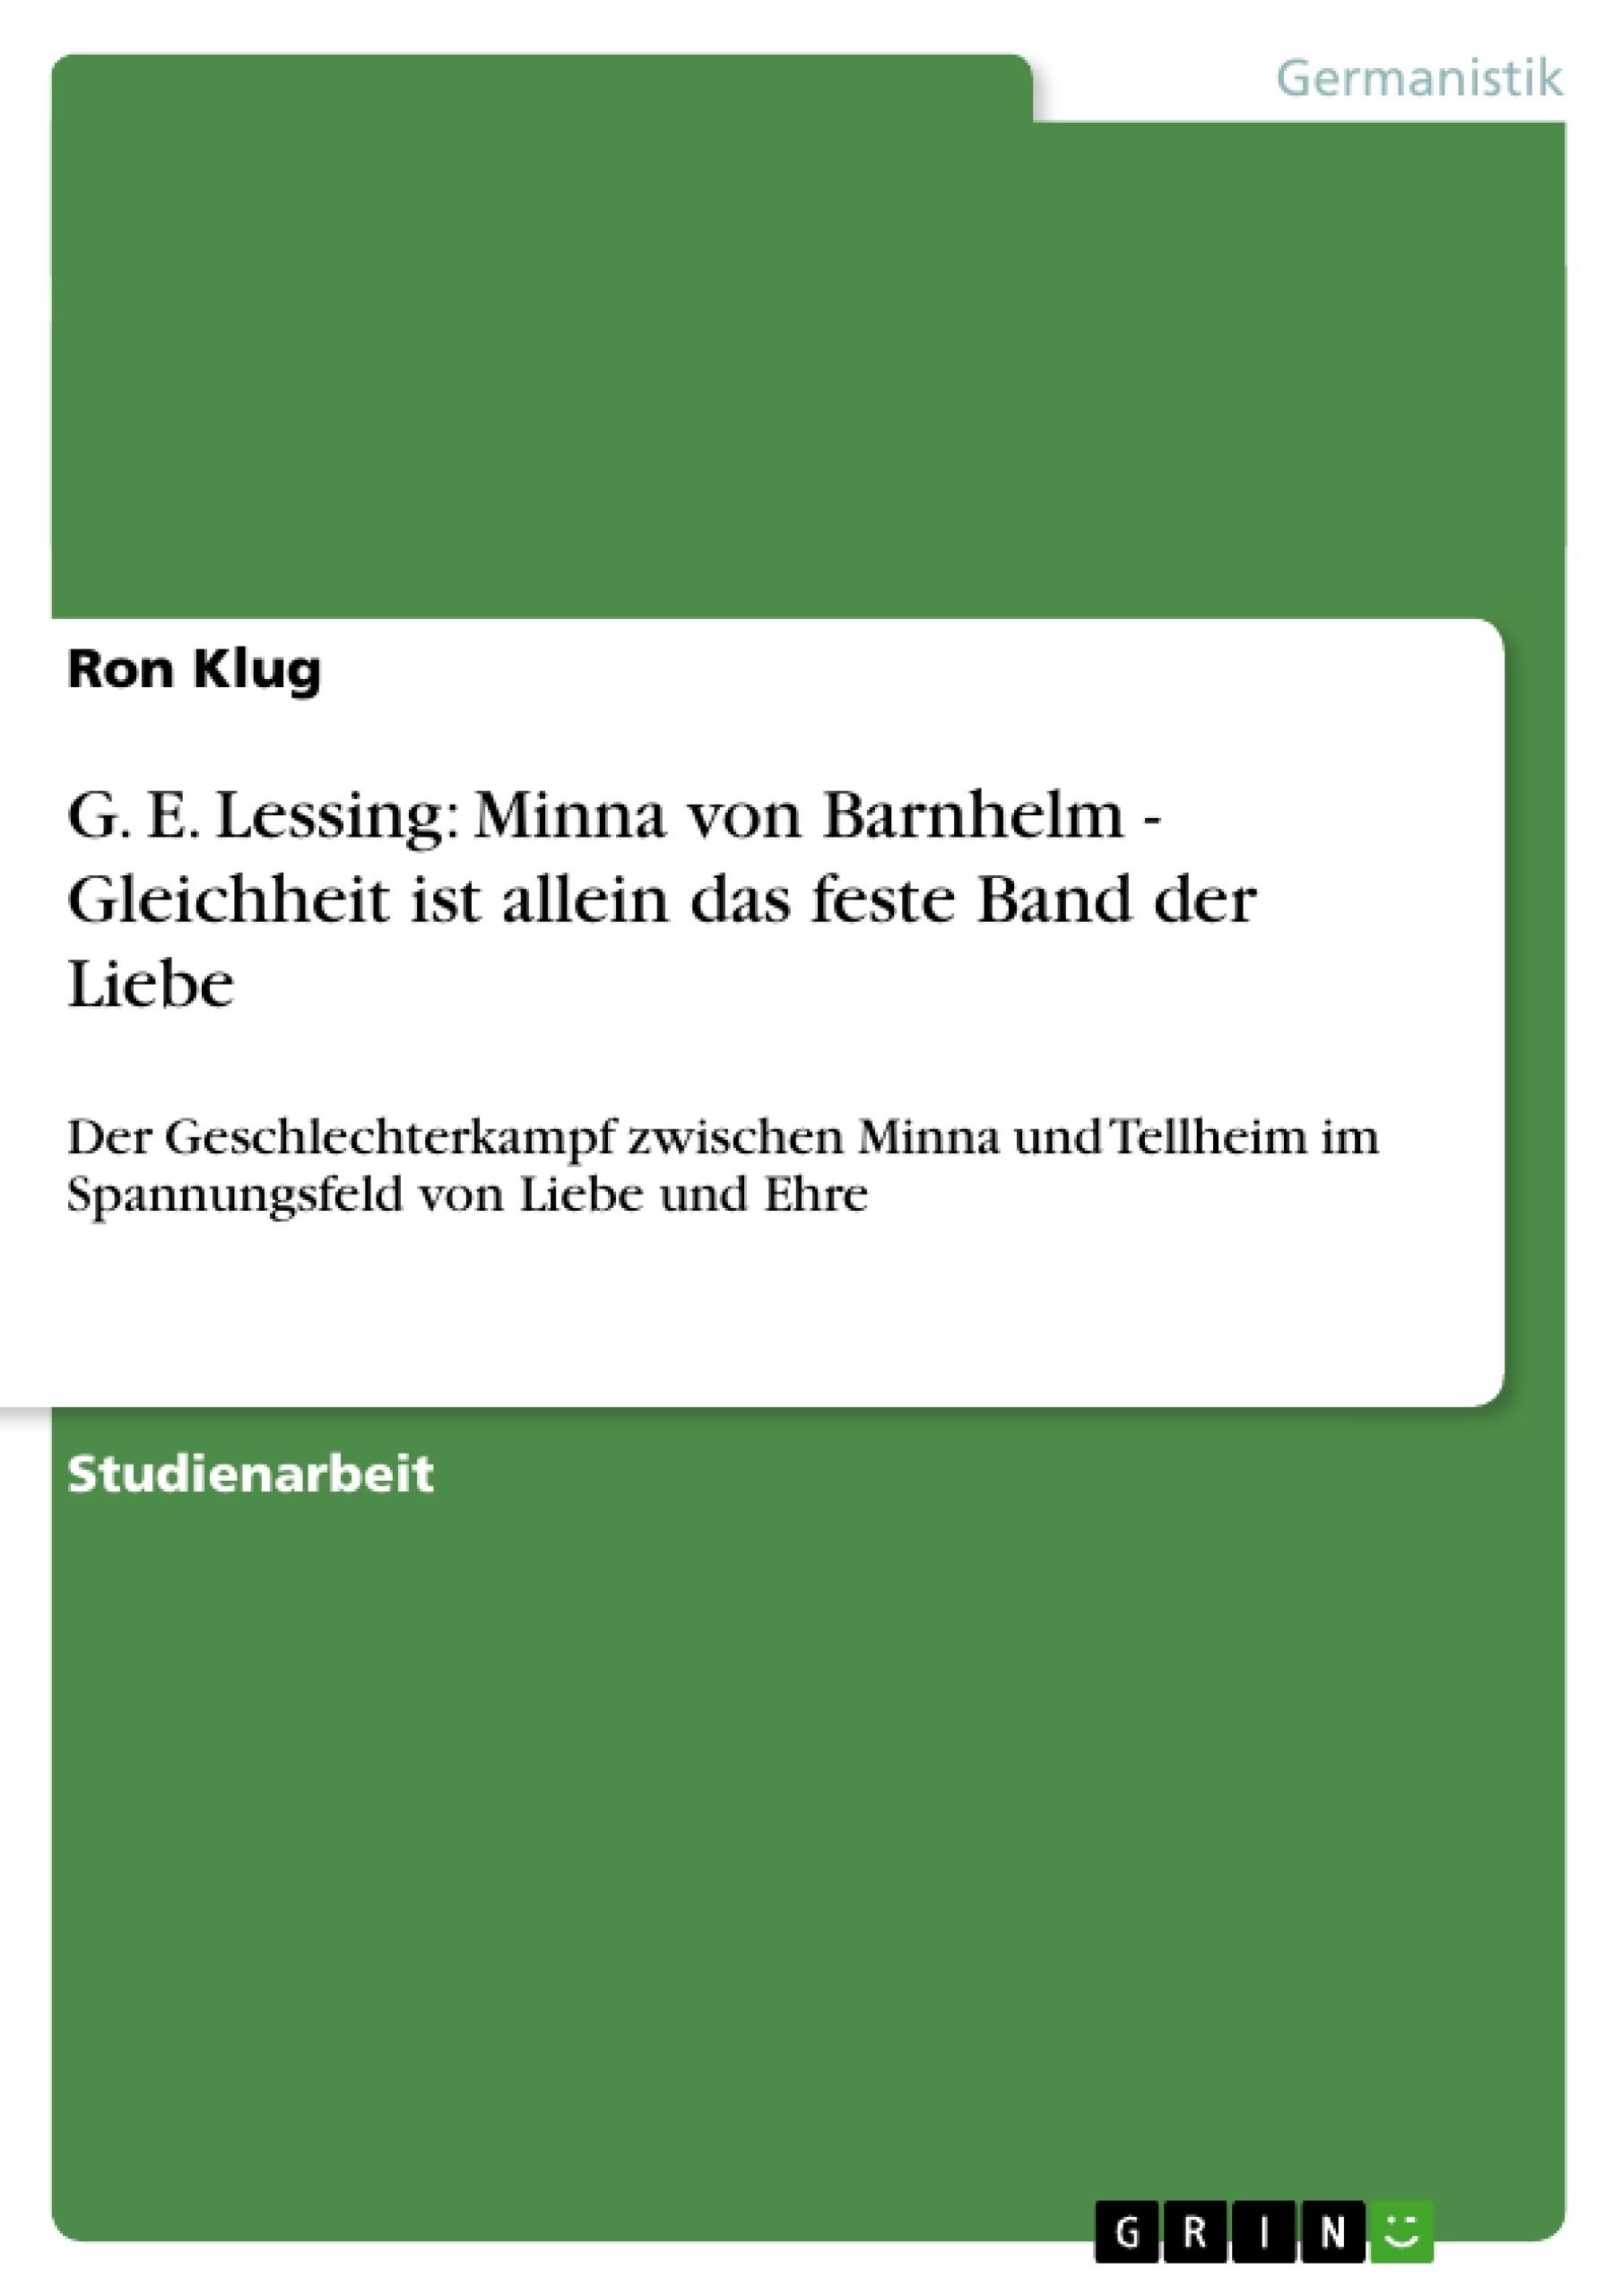 Titel: G. E. Lessing: Minna von Barnhelm - Gleichheit ist allein das feste Band der Liebe